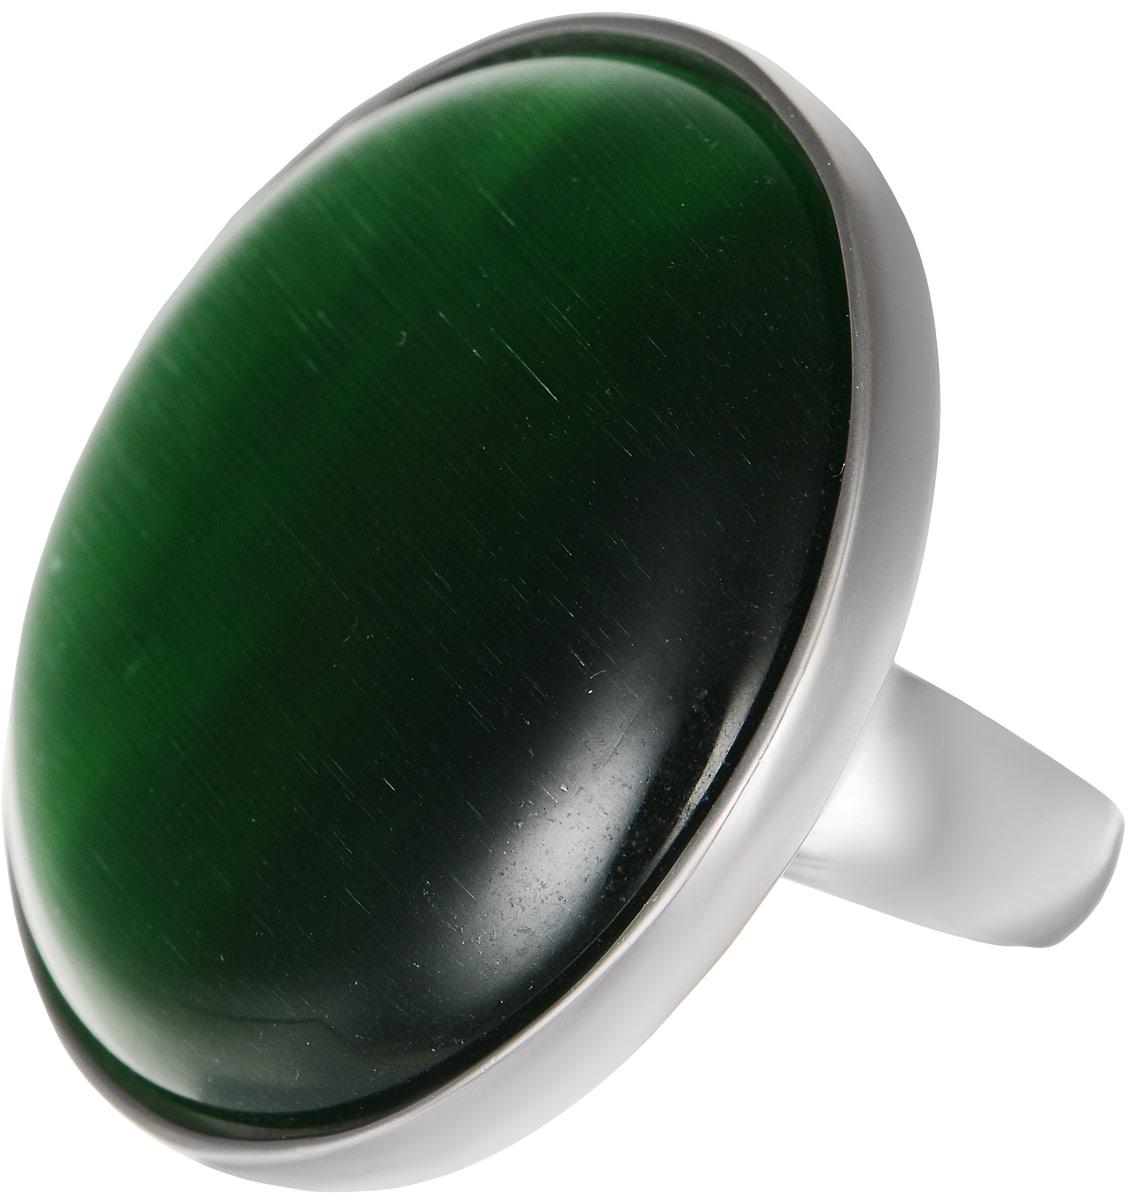 Кольцо Polina Selezneva, цвет: серебристый, зеленый. DG-0020. Размер 20DG-0020-10Оригинальное кольцо Polina Selezneva выполнено из бижутерийного сплава. Изделие круглой формы, дополнено искусственным камнем. Такое кольцо это блестящее завершение вашего неповторимого, смелого образа и отличный подарок для ценительницы необычных украшений!